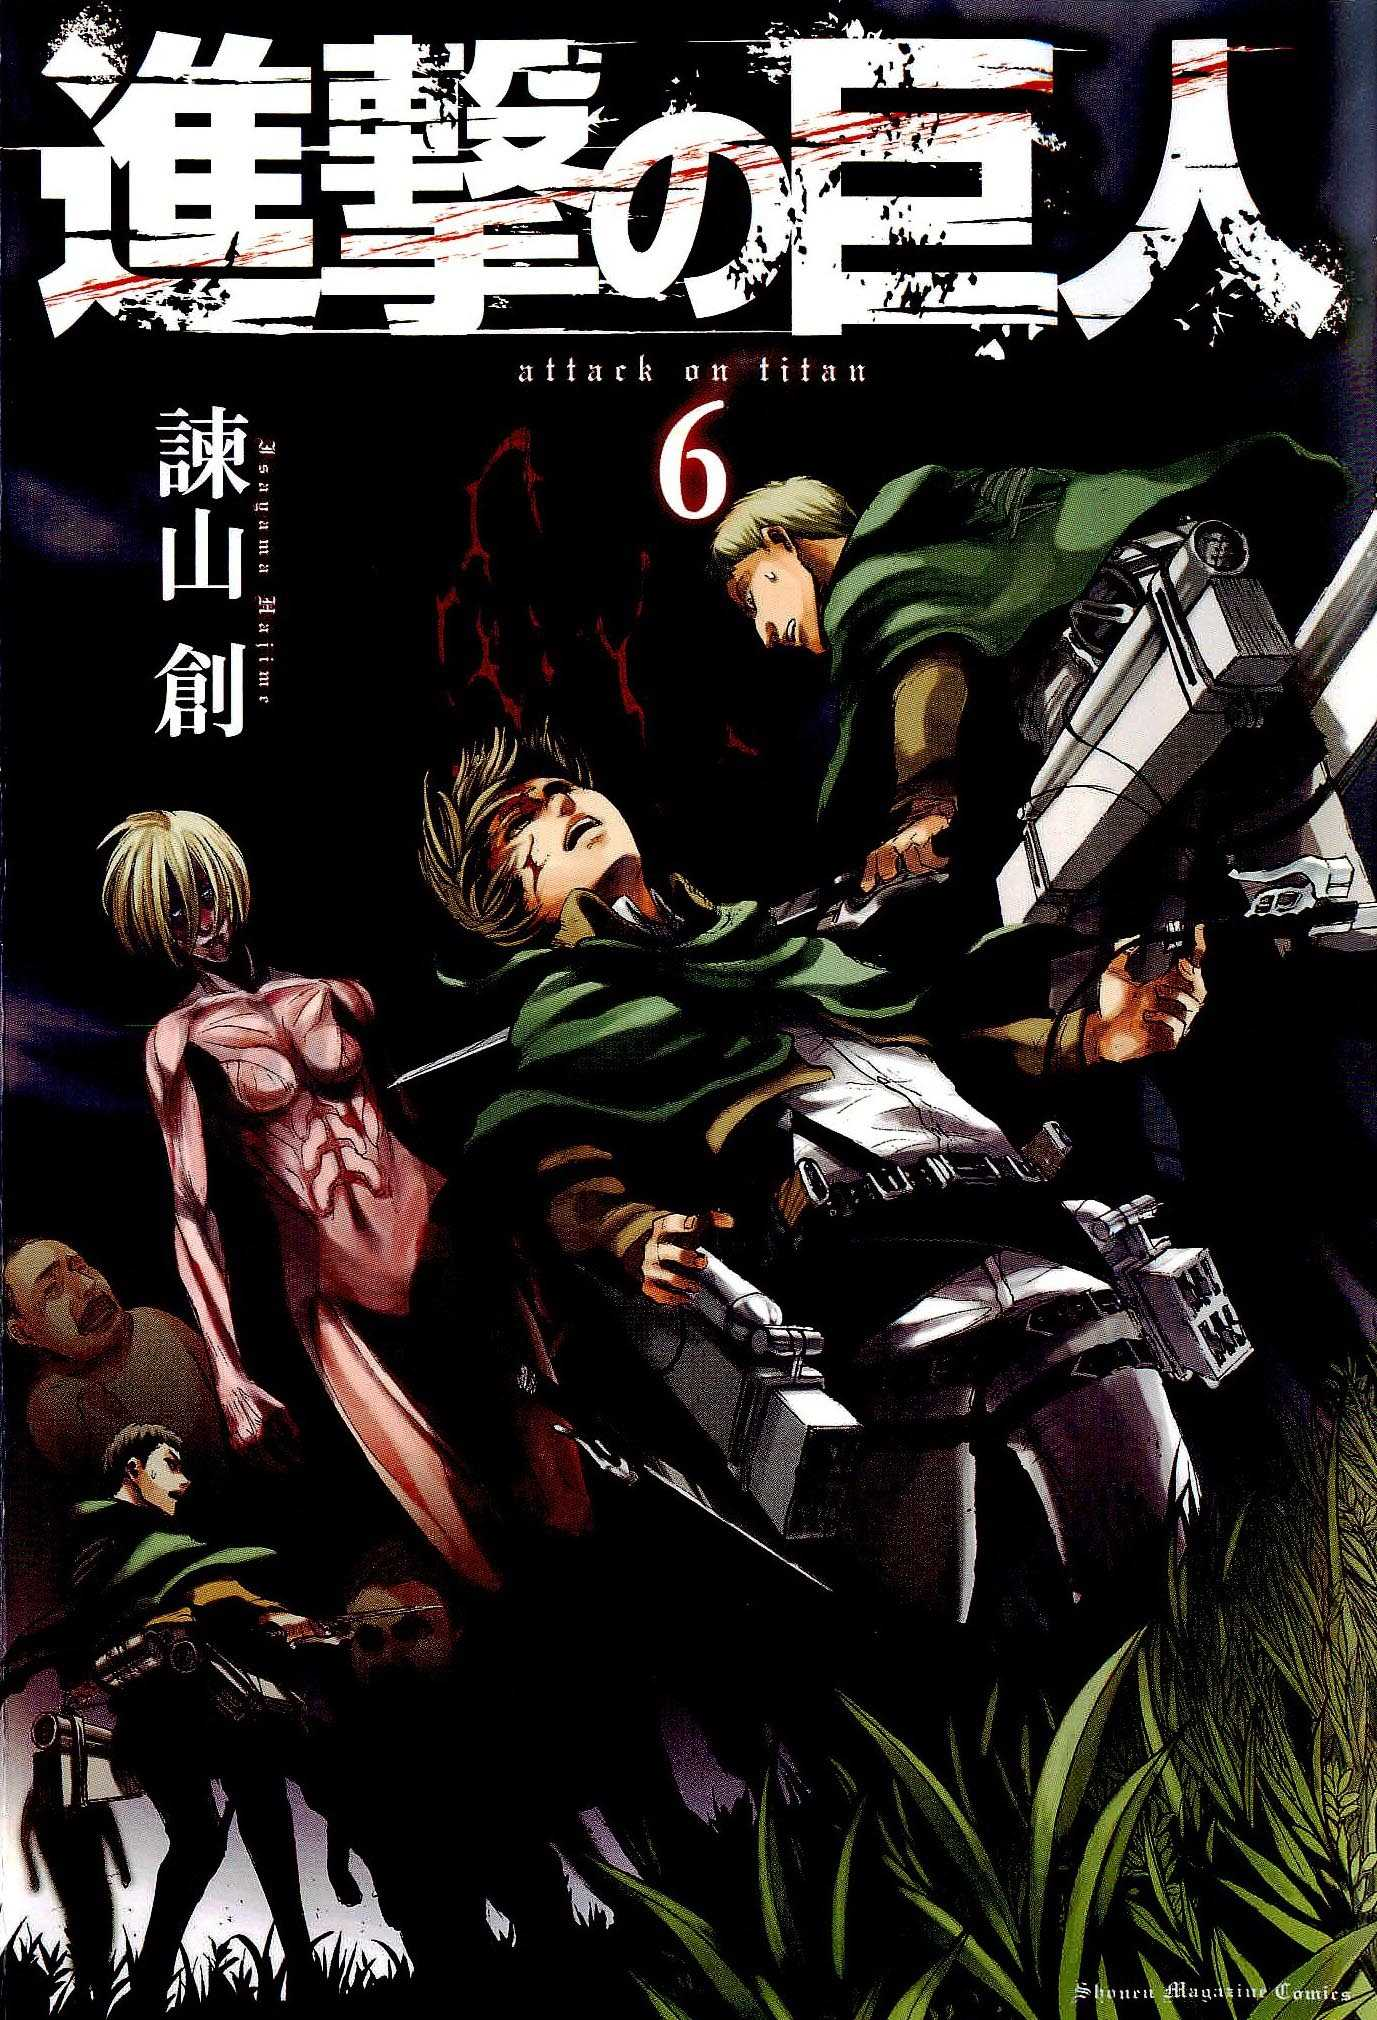 [POST OFICIAL] Shingeki no Kyojin (Ataque a los titanes) -- Temporada 3 -- 22 de Julio 2018 Shingeki-no-kyojin-6-kodansha